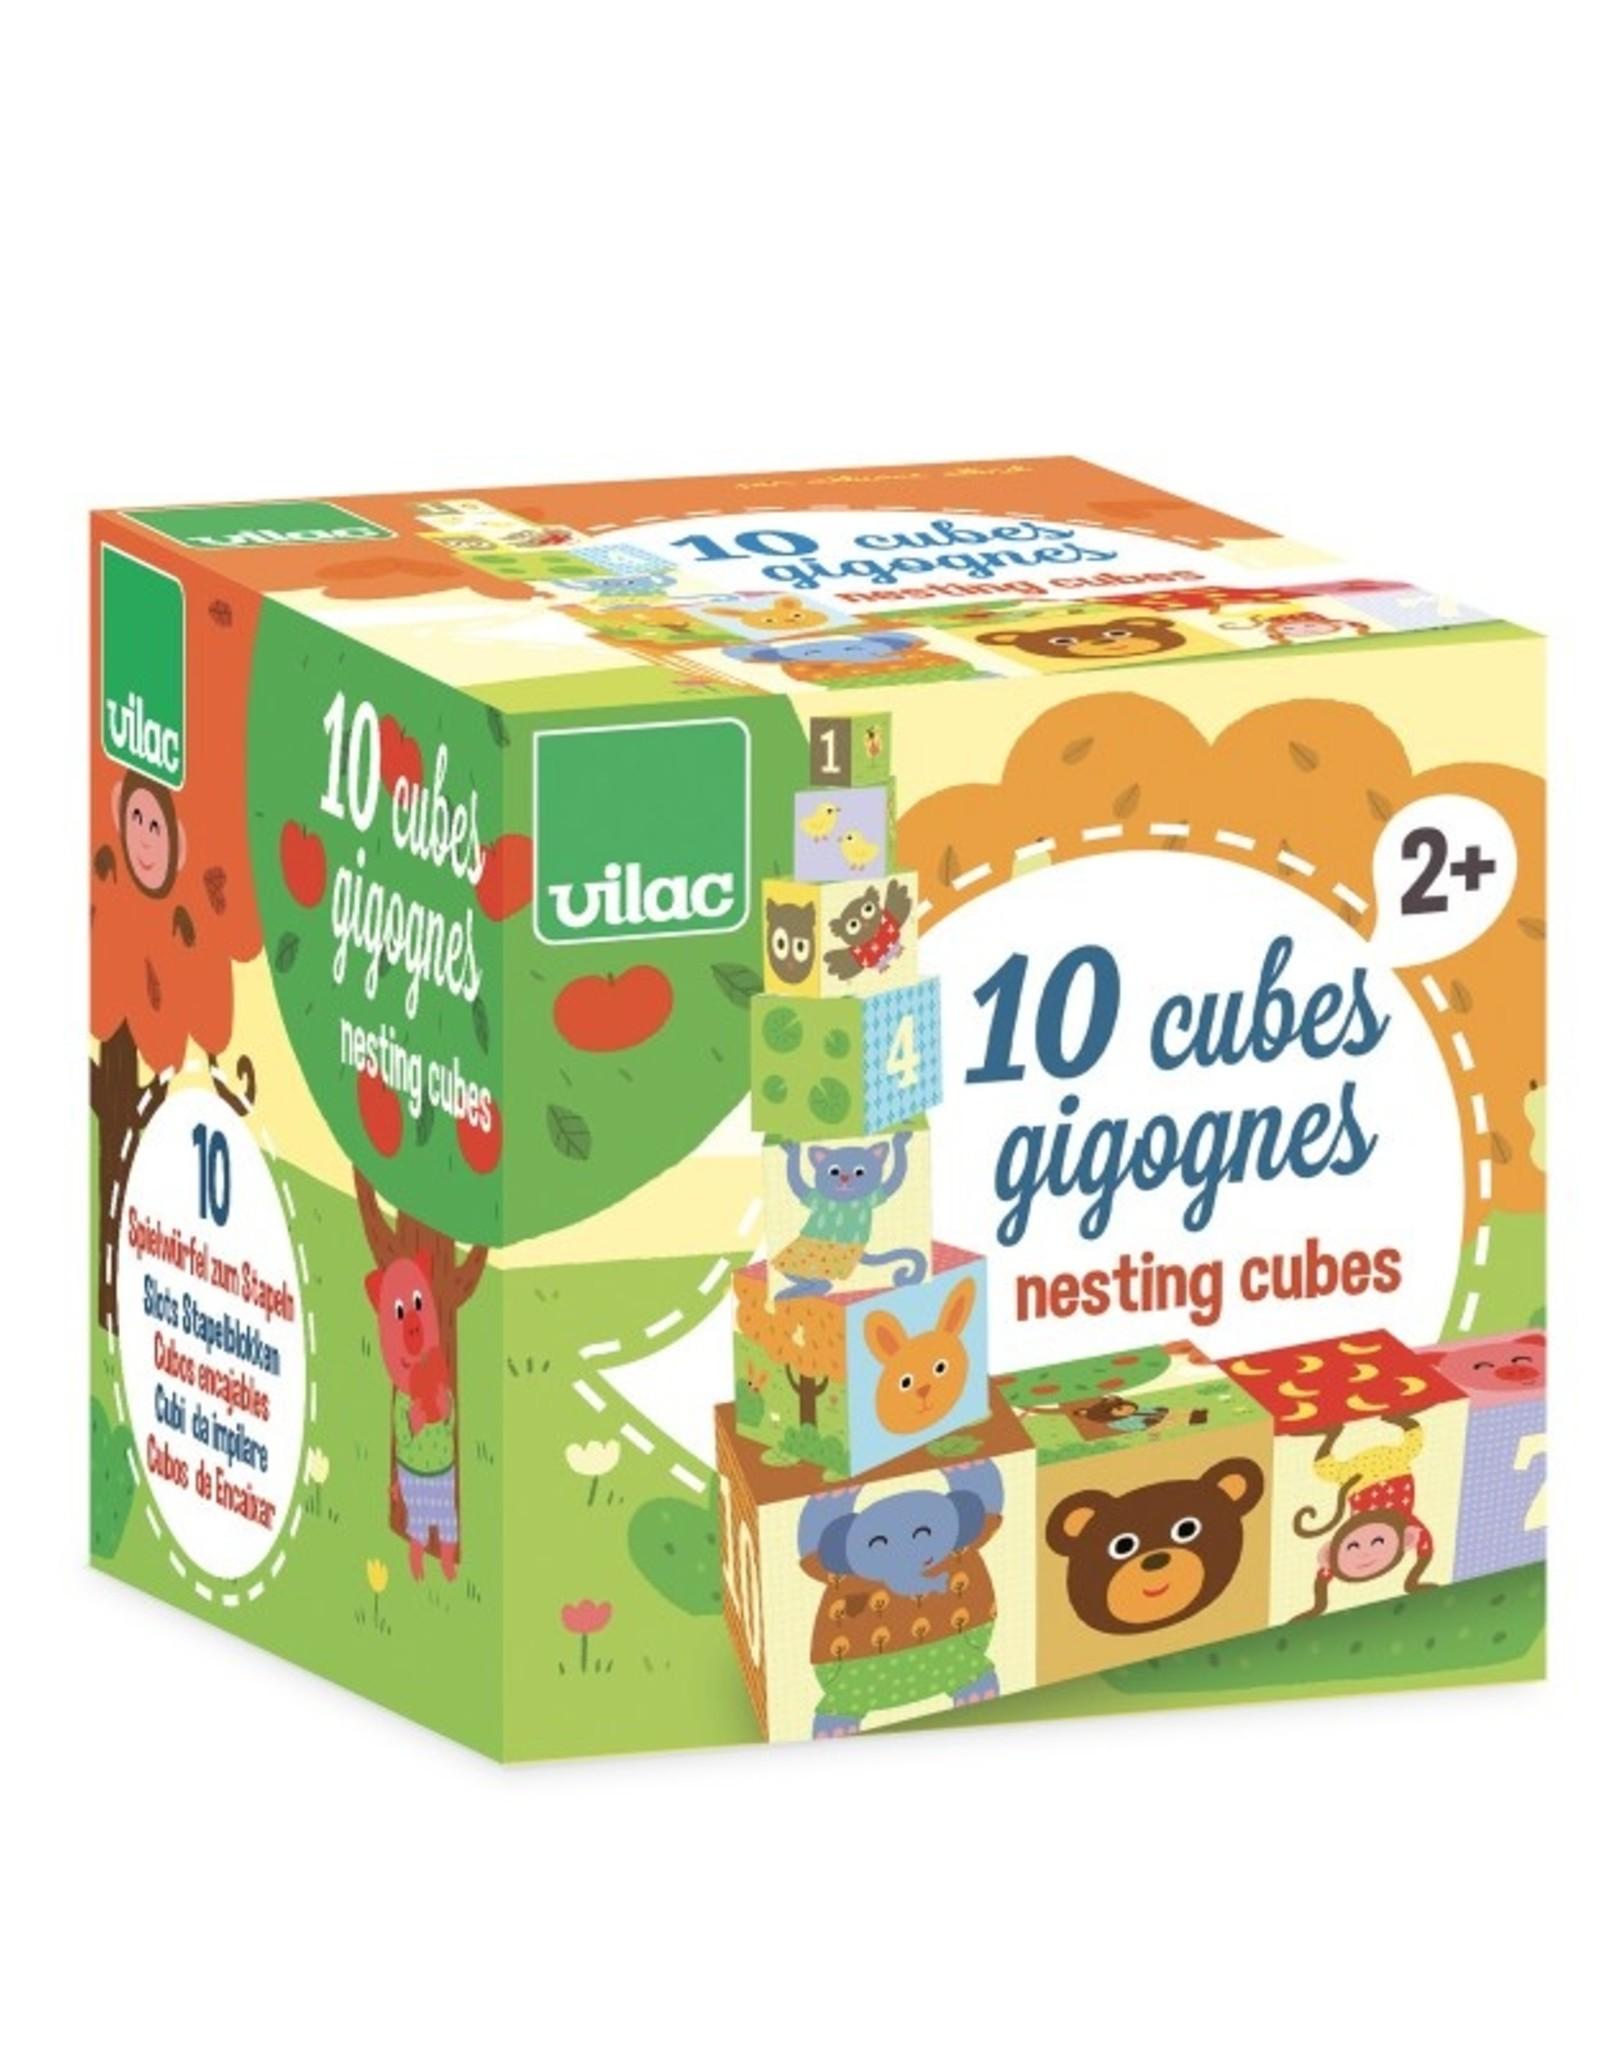 Vilac Nesting Cubes